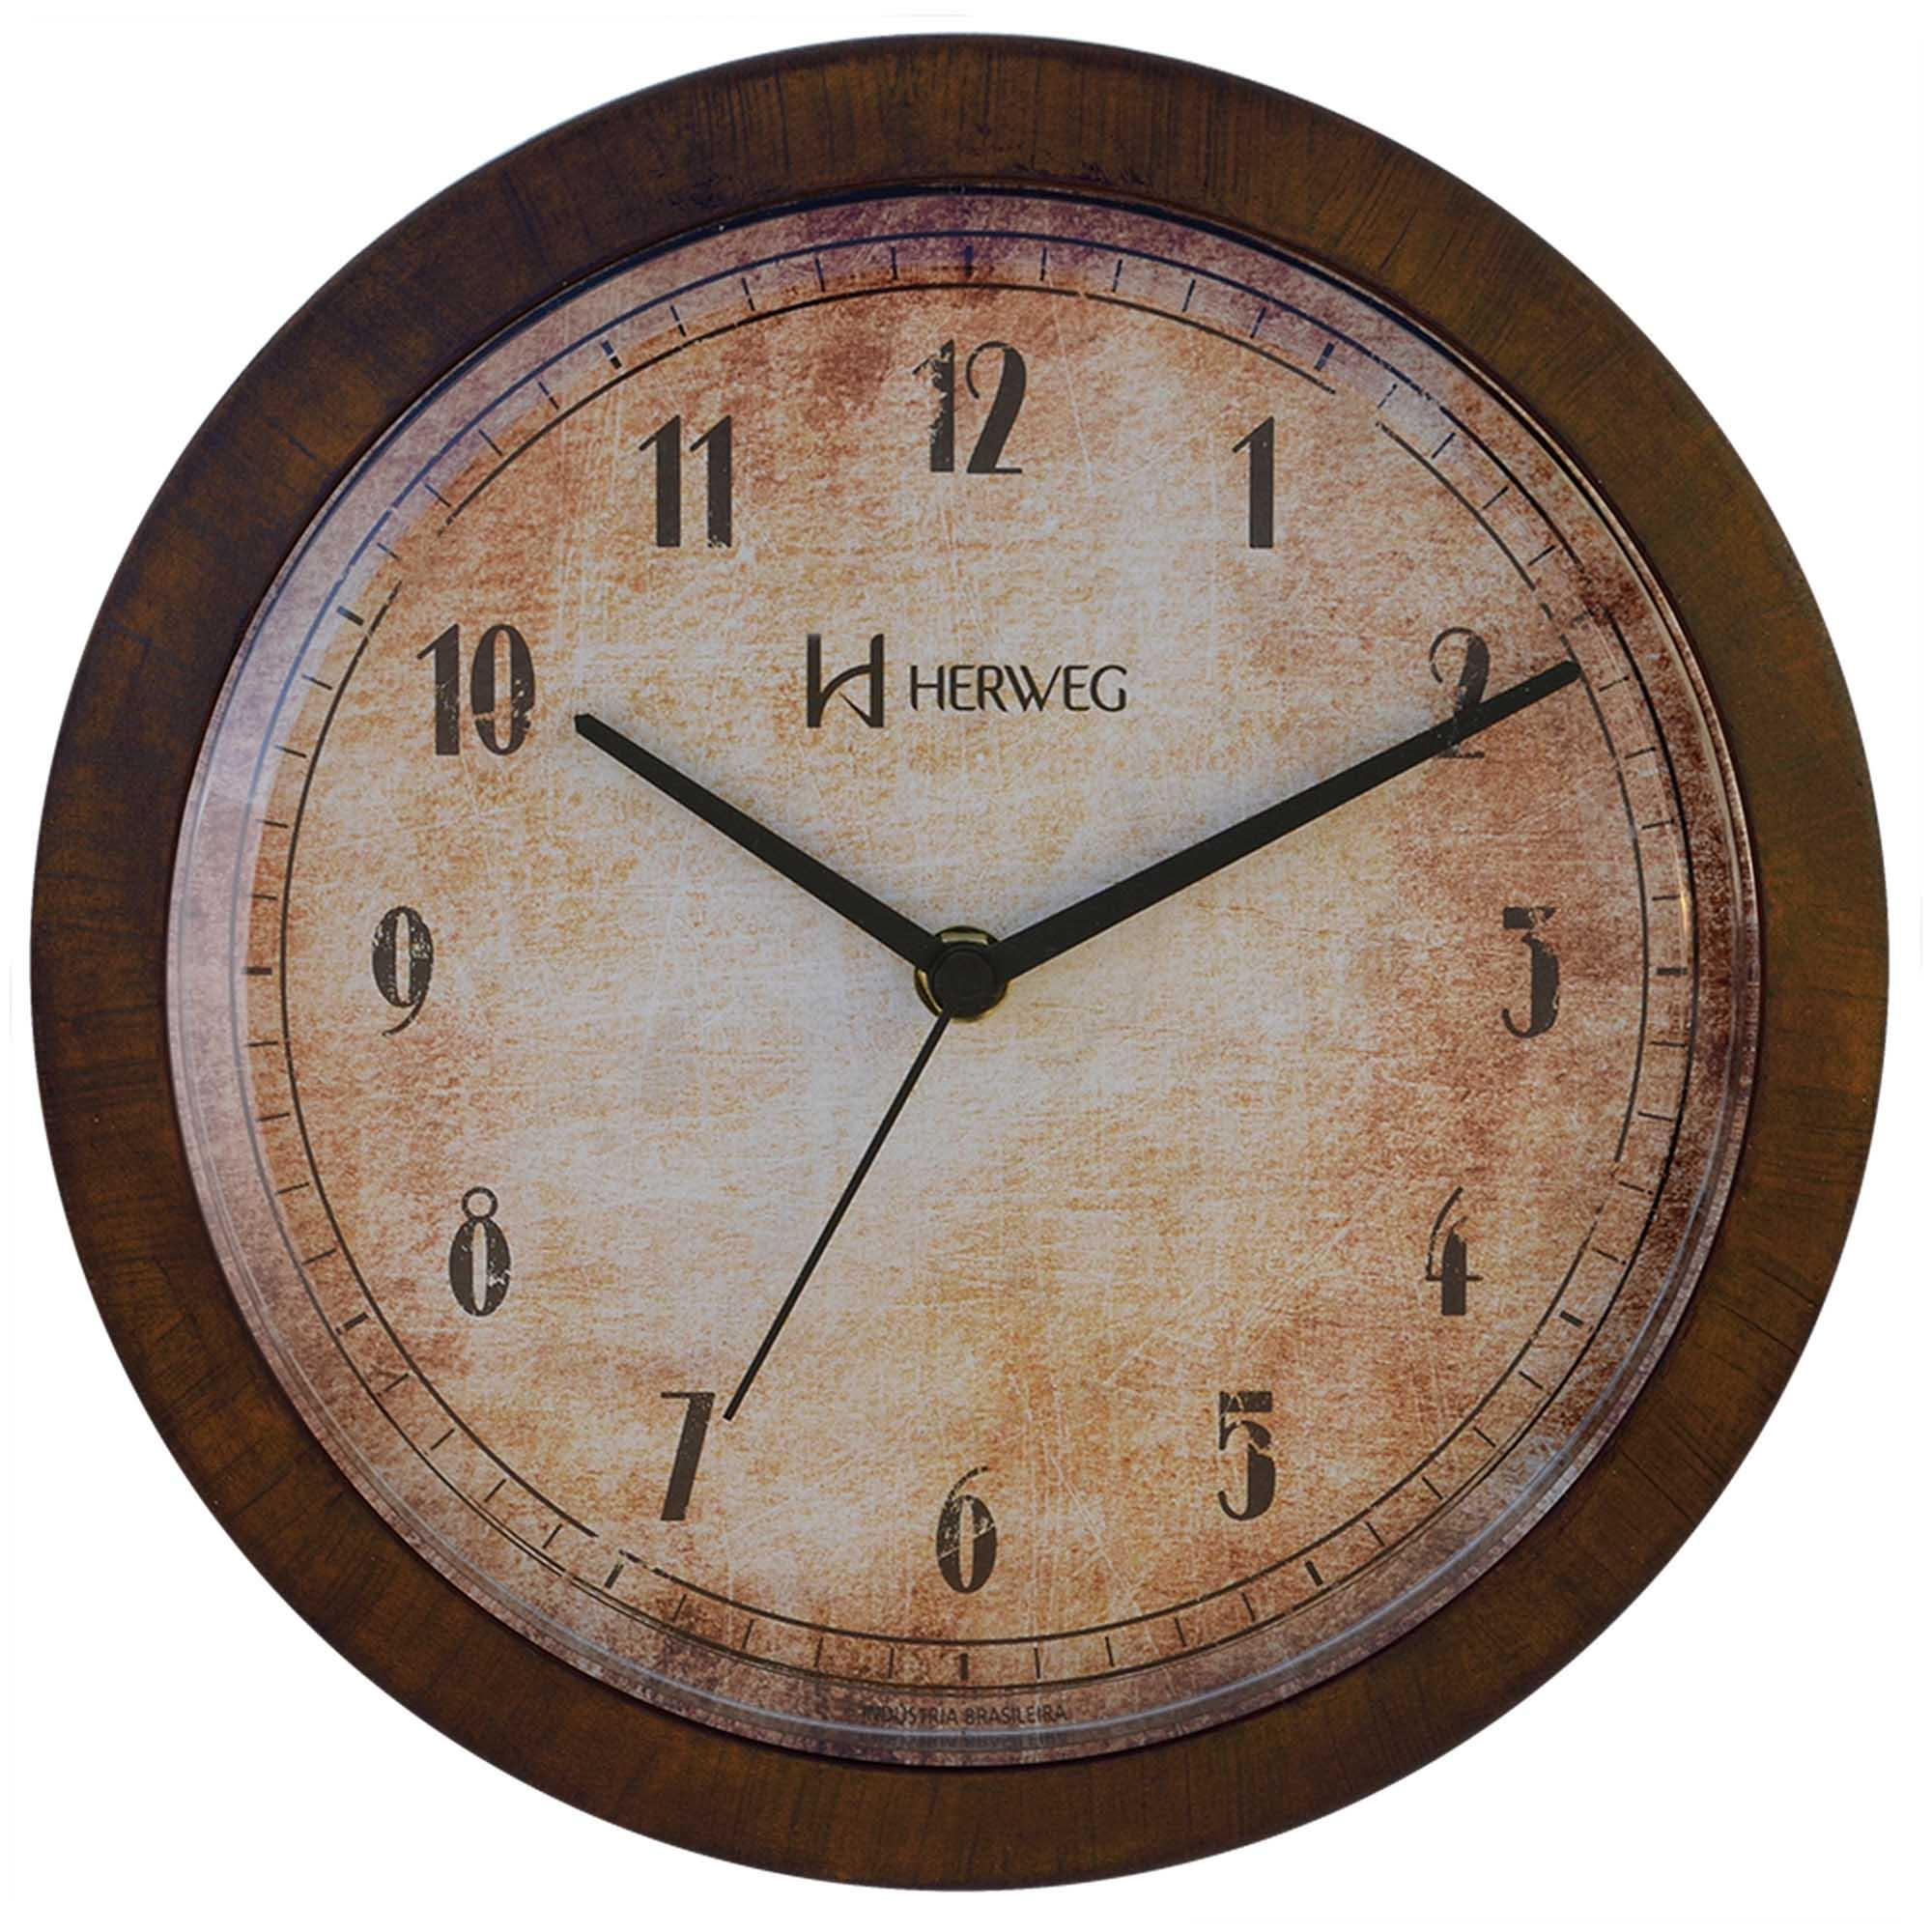 Relógio de Parede Analógico Herweg 6655 272 Ferrugem